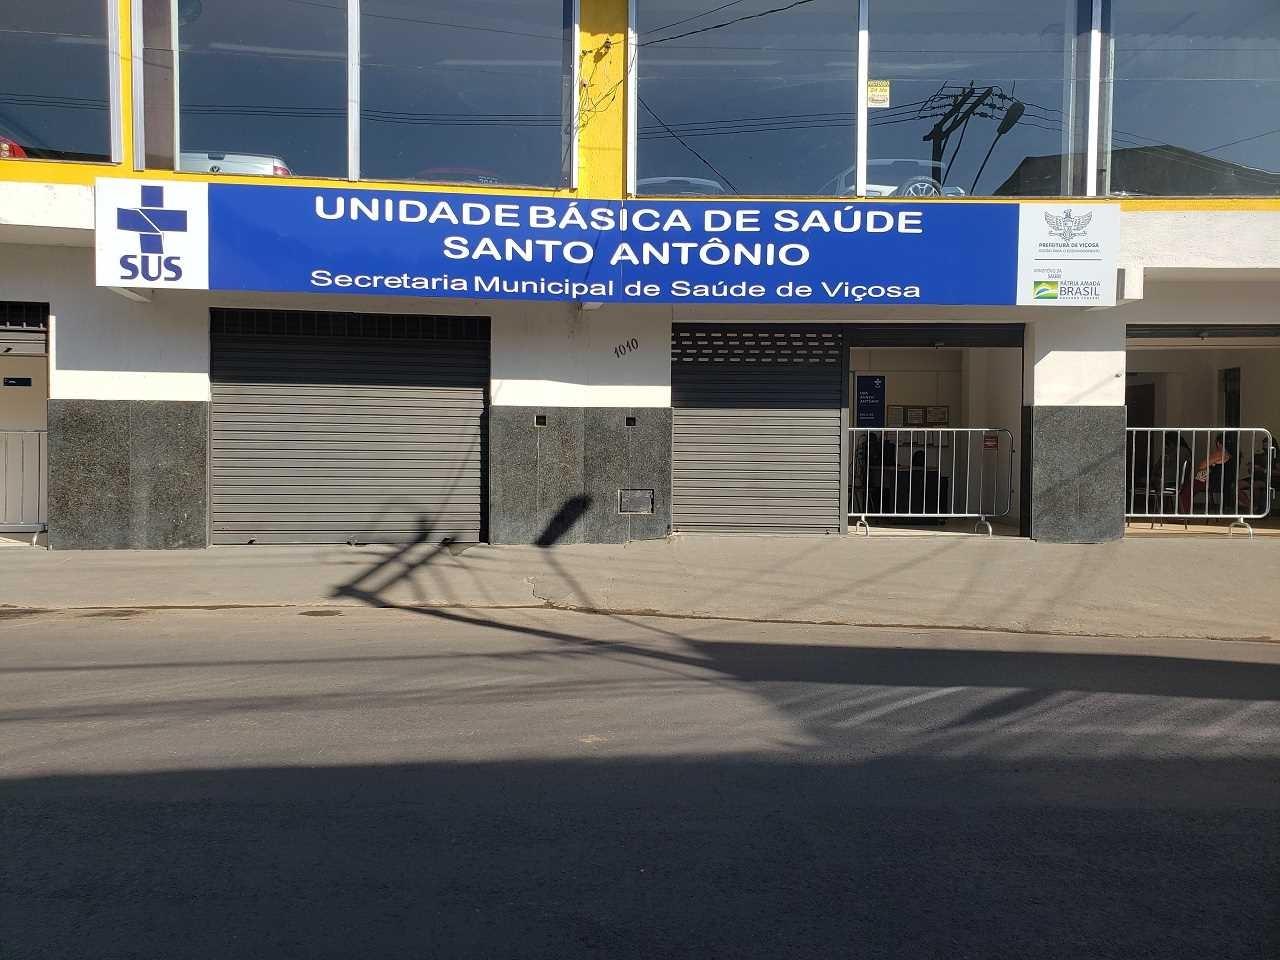 Viçosa unifica Unidades Básicas de Saúde do Bairro Santo Antônio em novo prédio